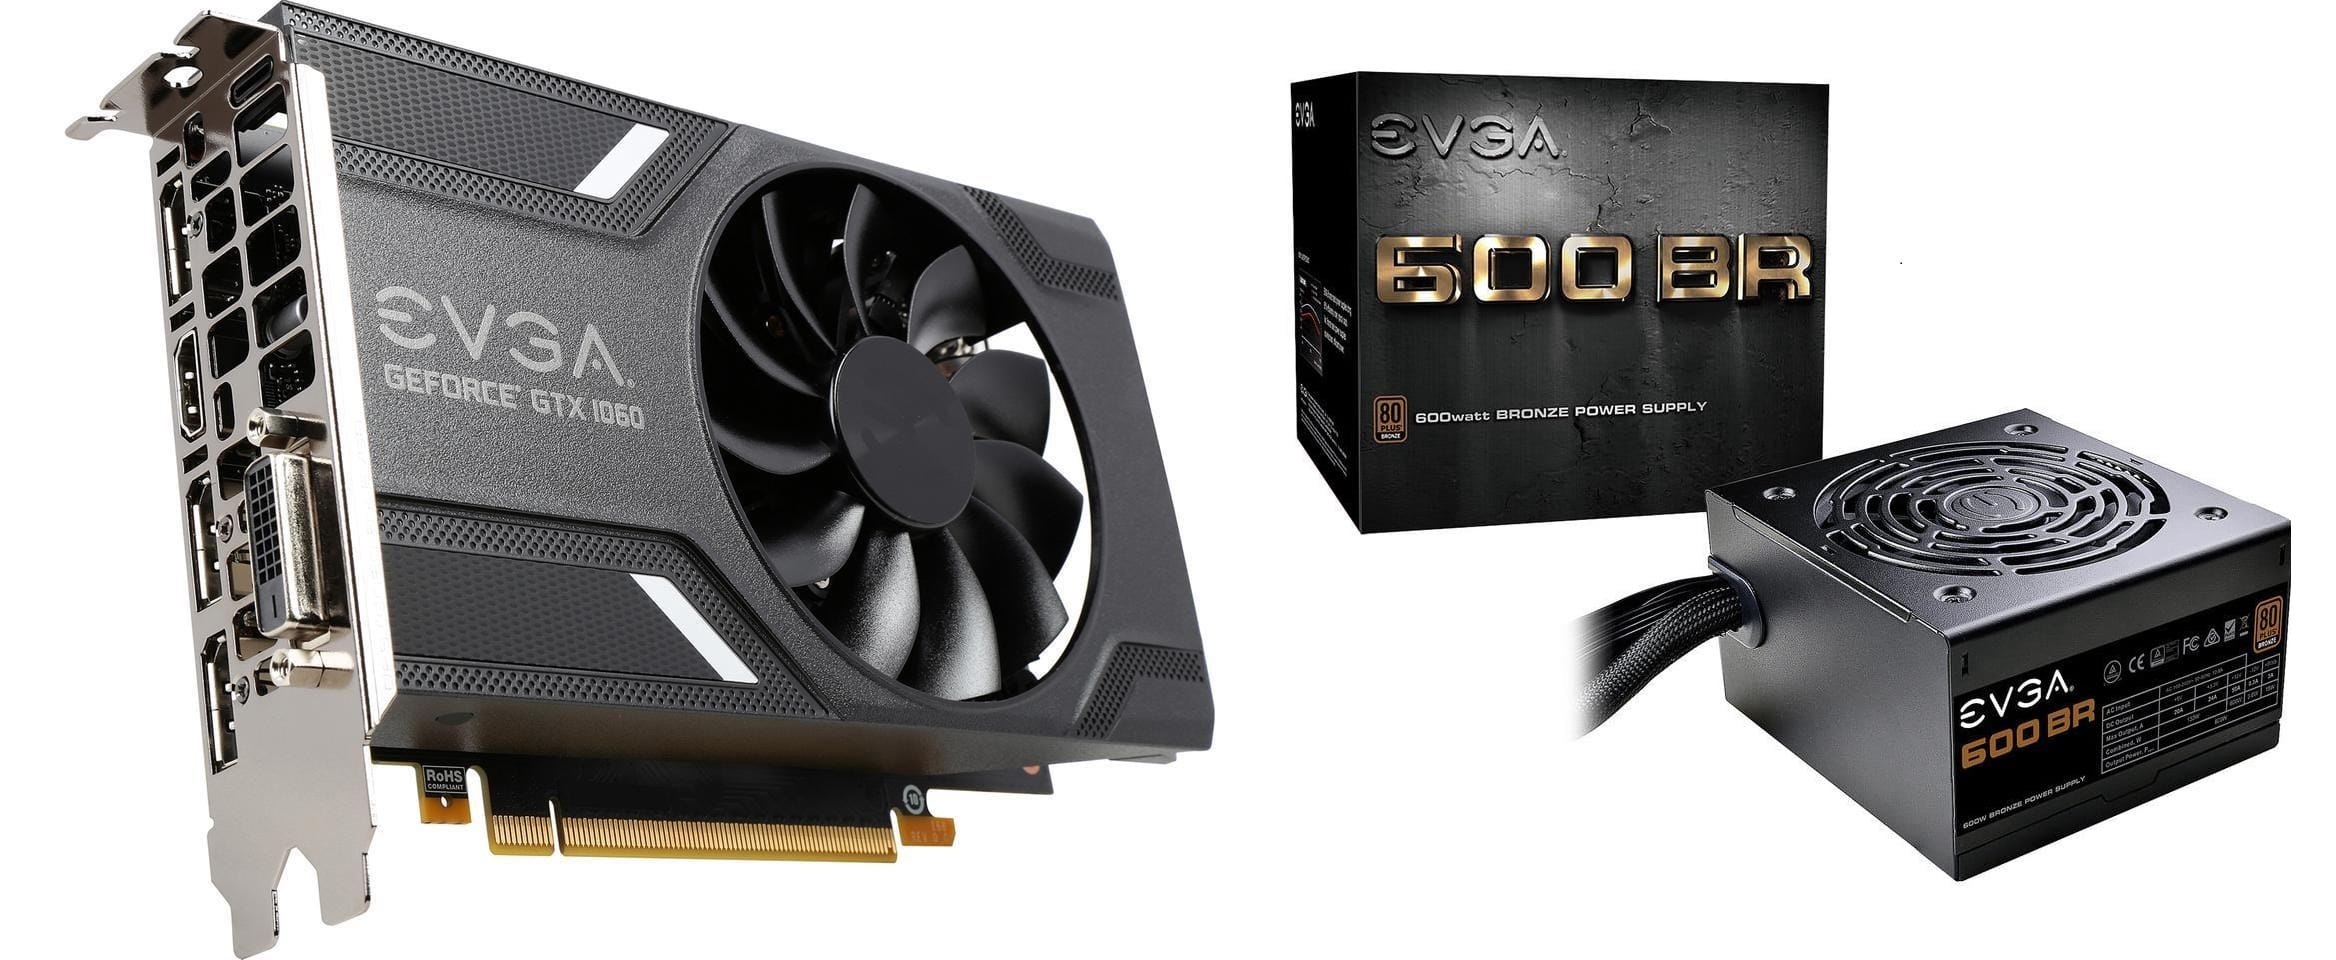 EVGA GeForce GTX 1060 6GB + EVGA 600W BR Power Supply